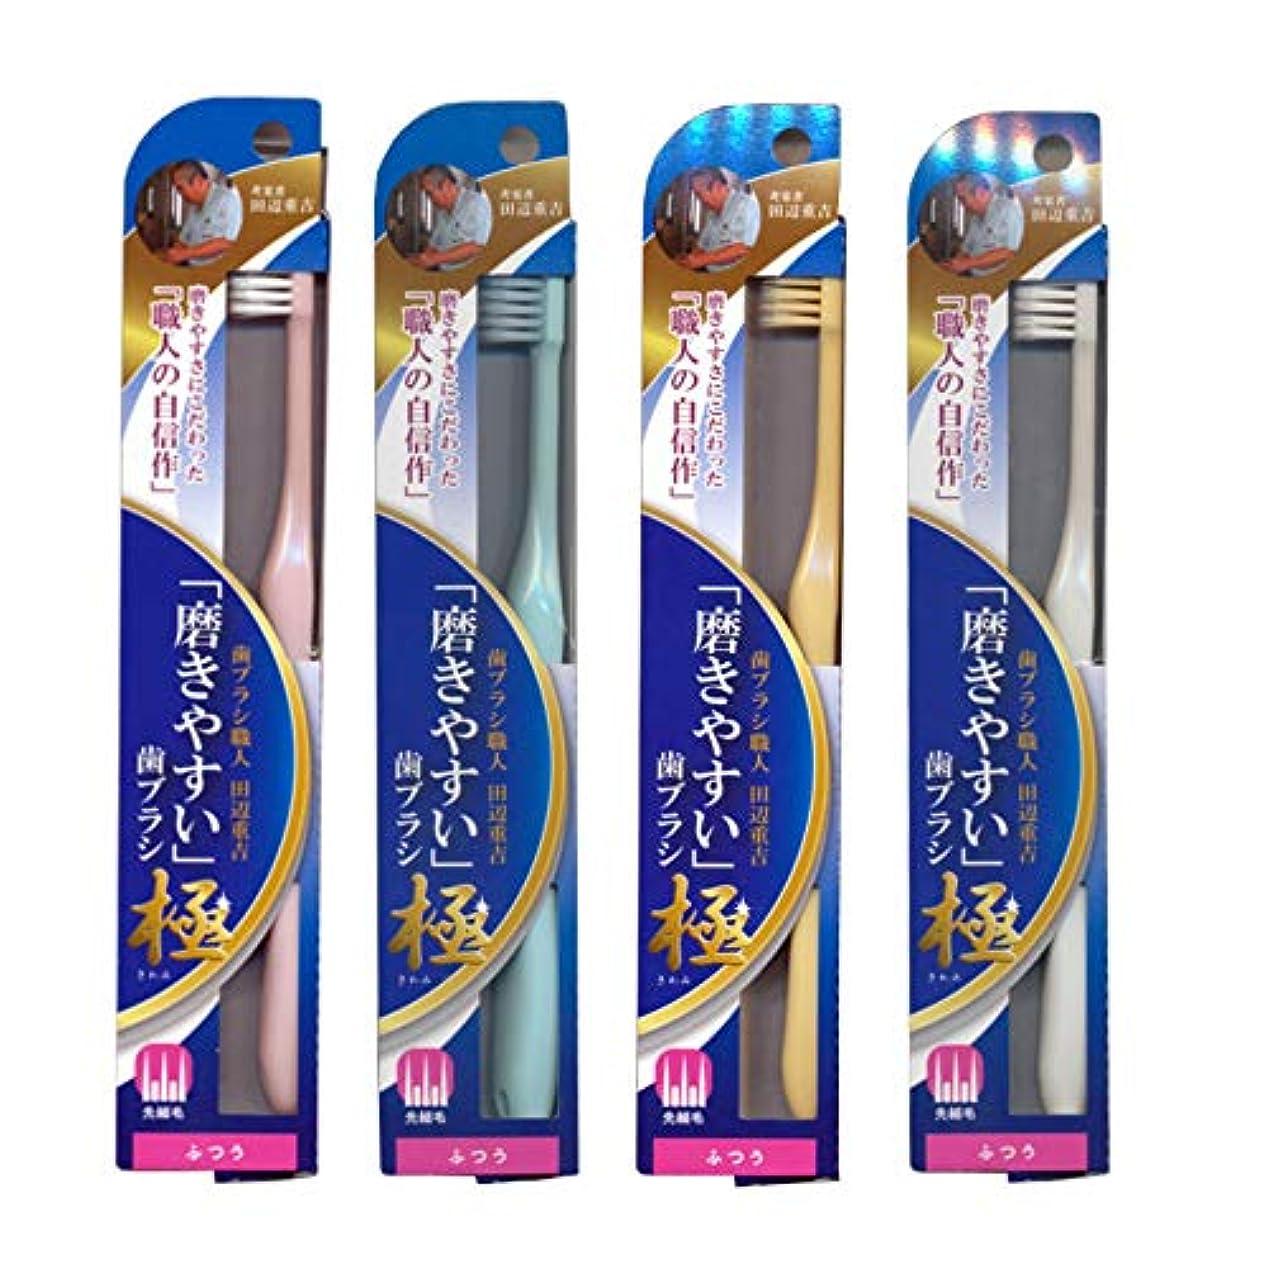 報奨金こんにちはオーストラリア人磨きやすい歯ブラシ極 (ふつう) LT-44×4本セット(ピンク×1、ブルー×1、ホワイト×1、イエロー×1)先細毛